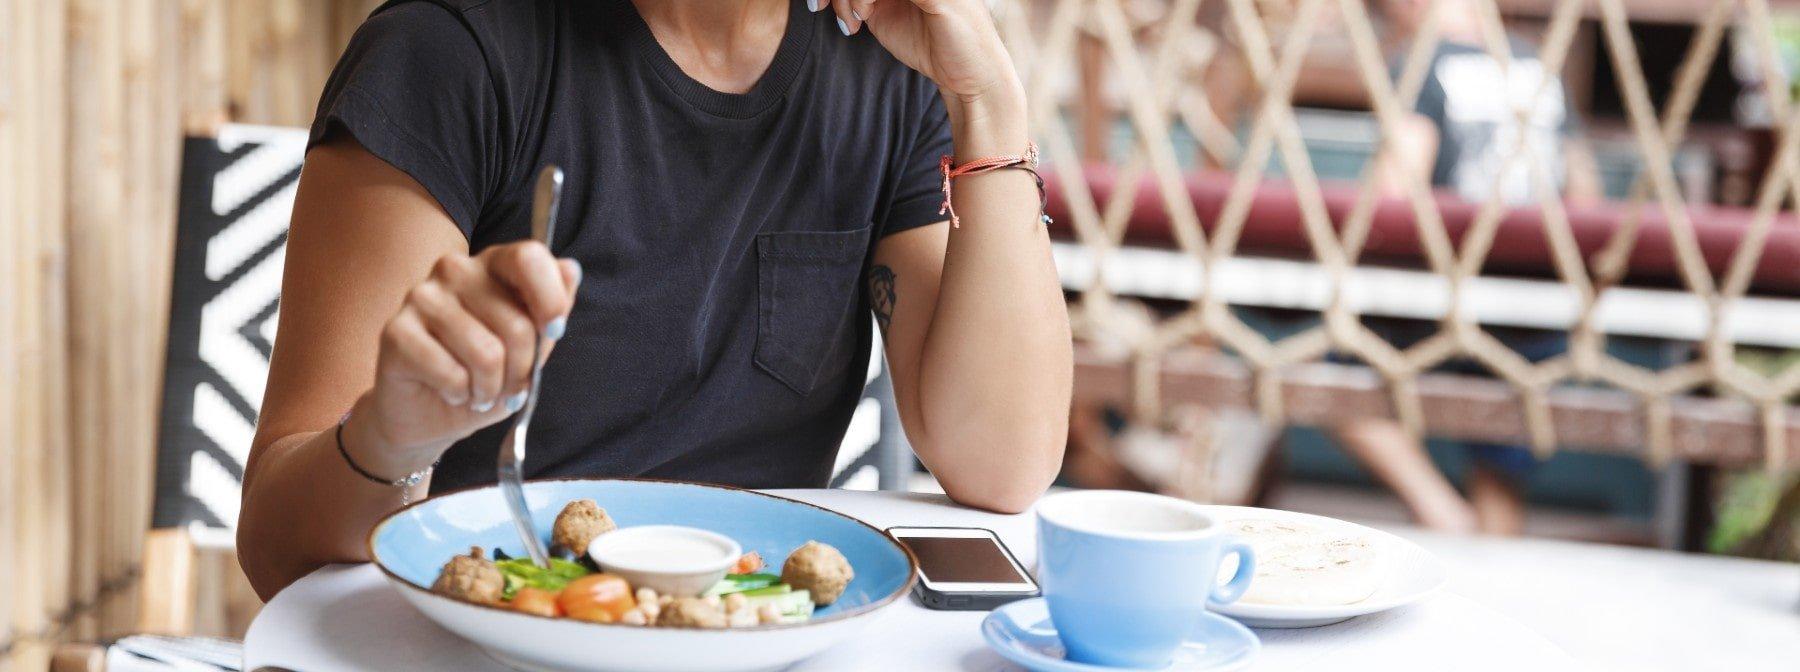 Сколько калорий нужно женщинам?